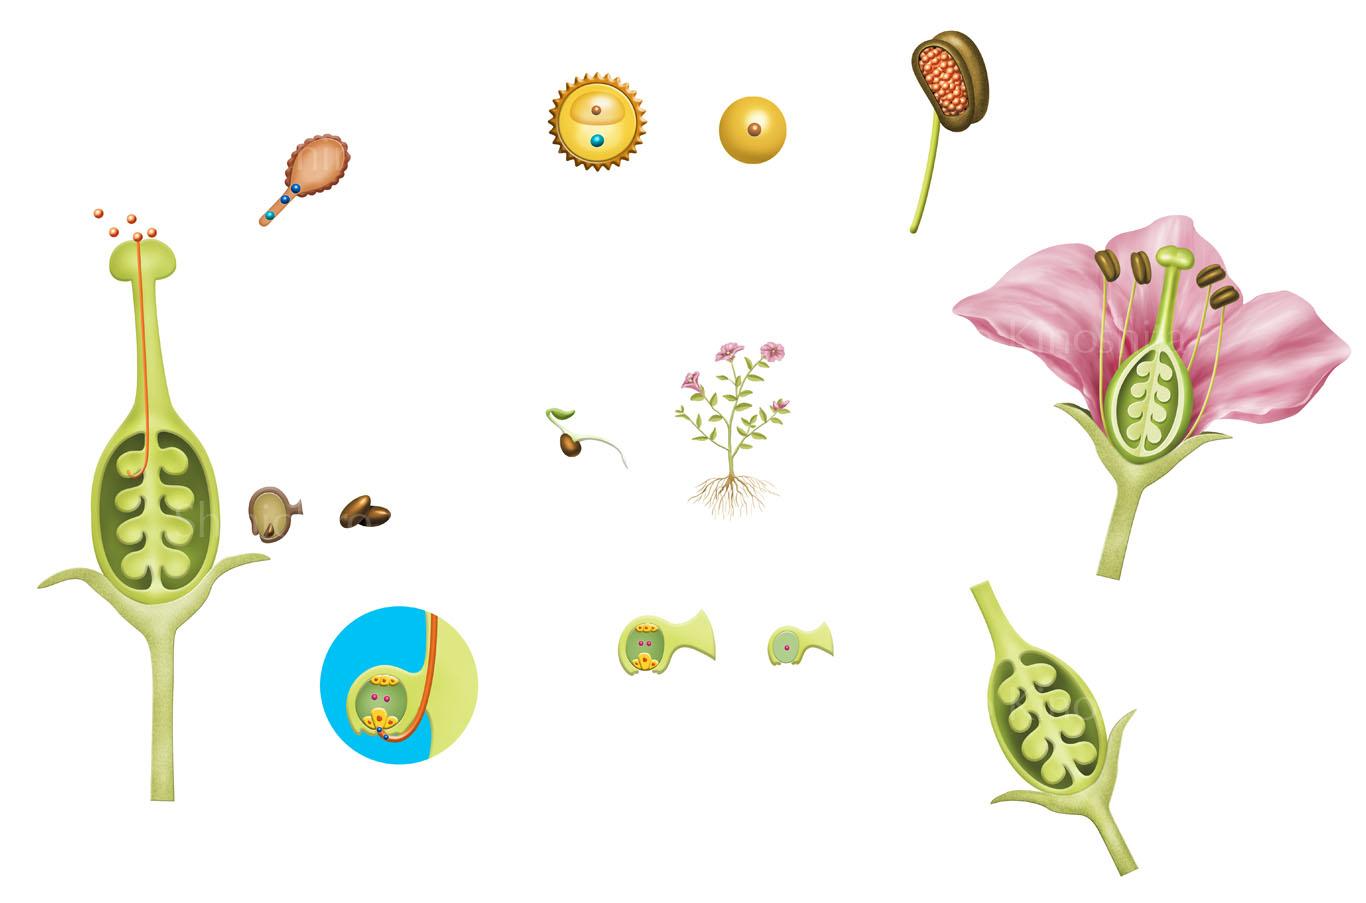 被子植物の一生ー「週刊 地球46億年の旅」朝日新聞出版